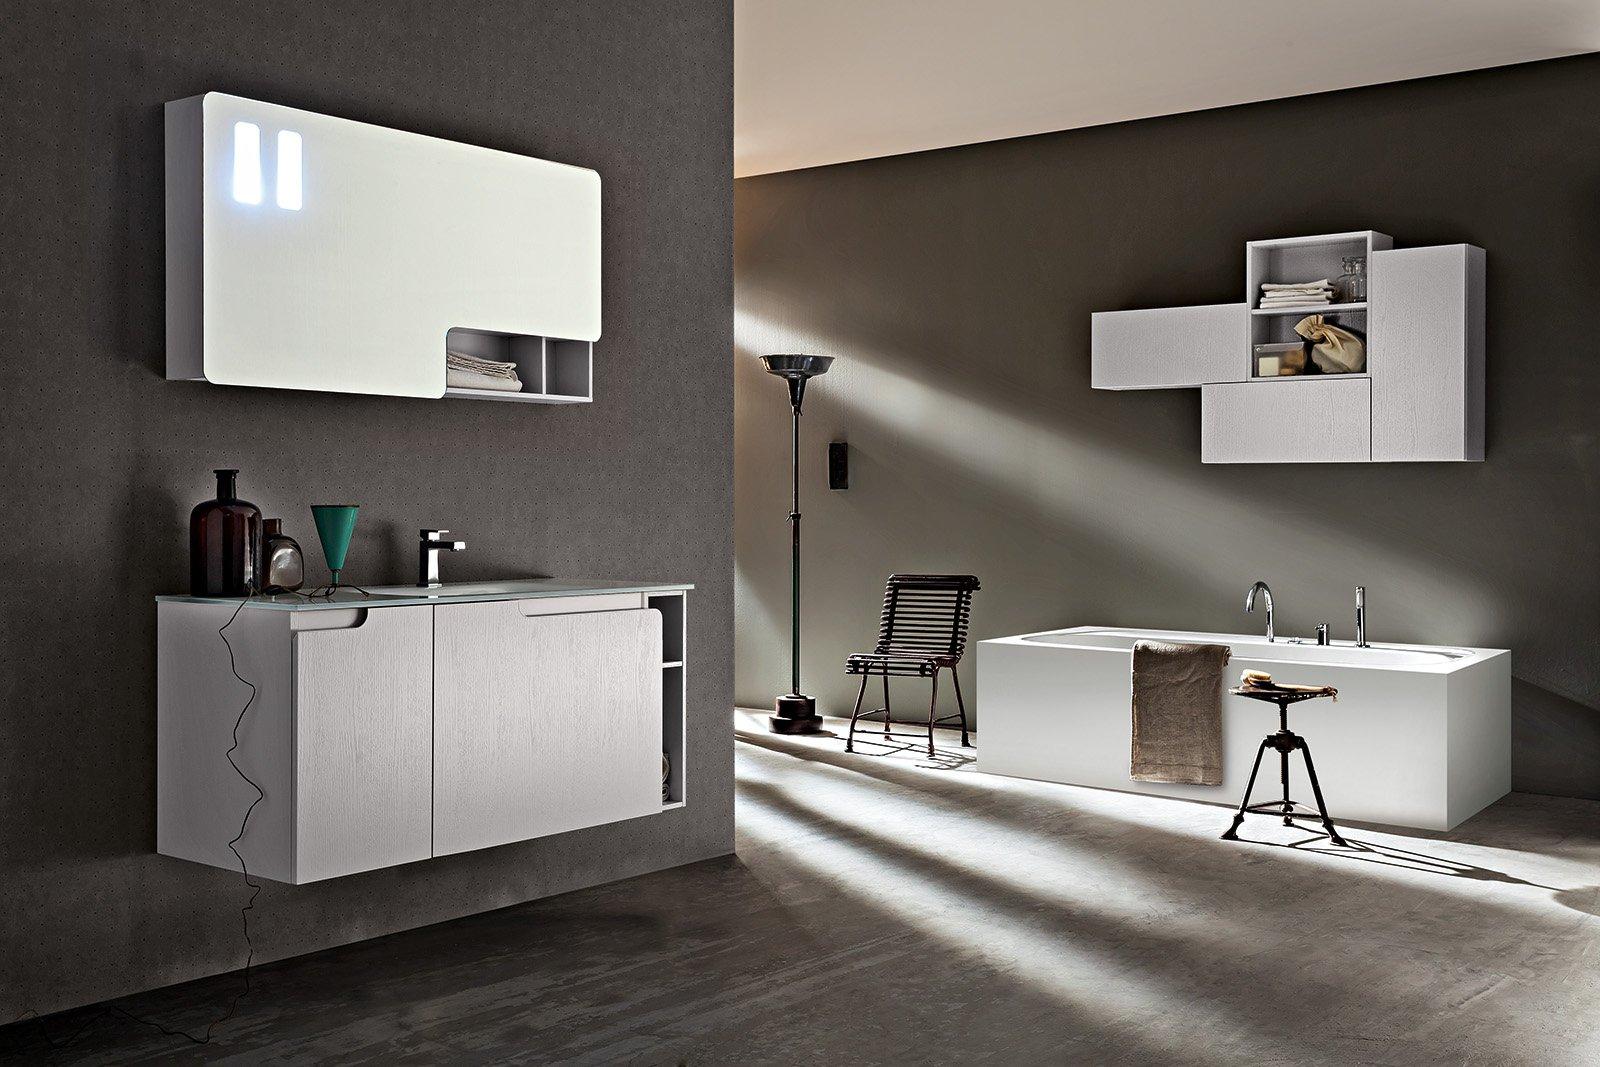 Specchi per il bagno cose di casa for Specchi di arredamento